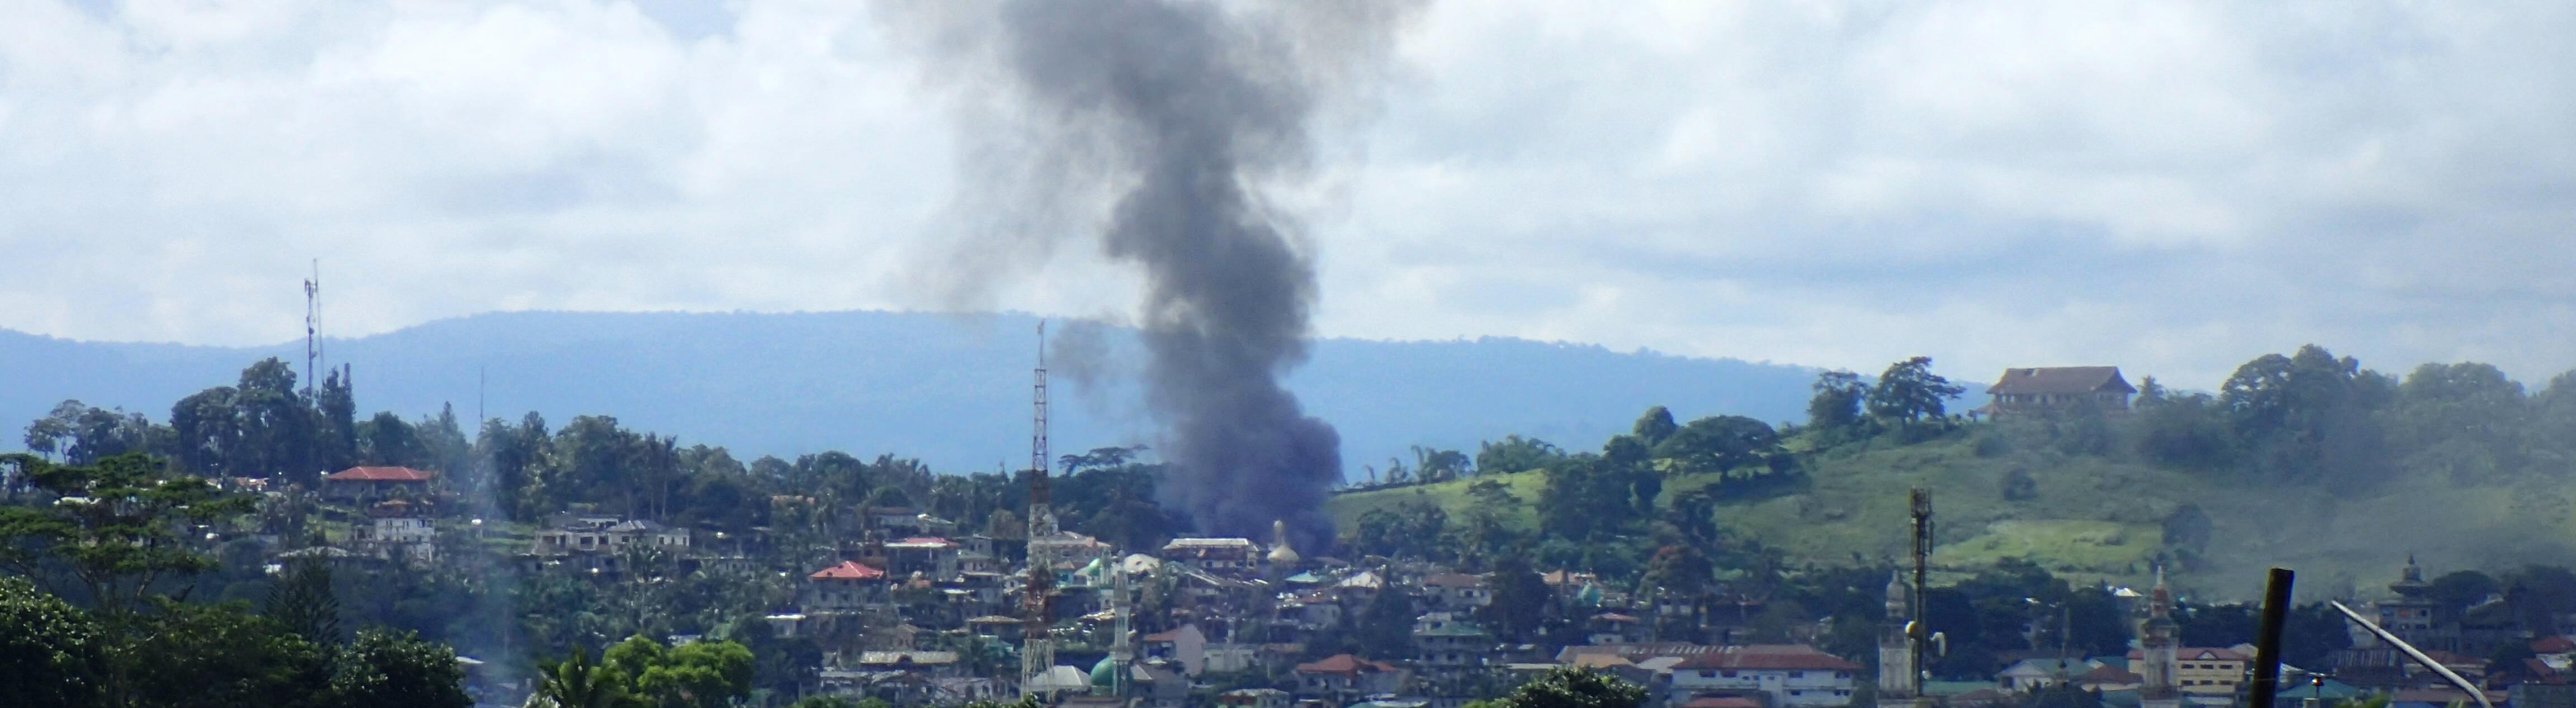 Marawai auf den Philippinen im Kampf gegen den IS